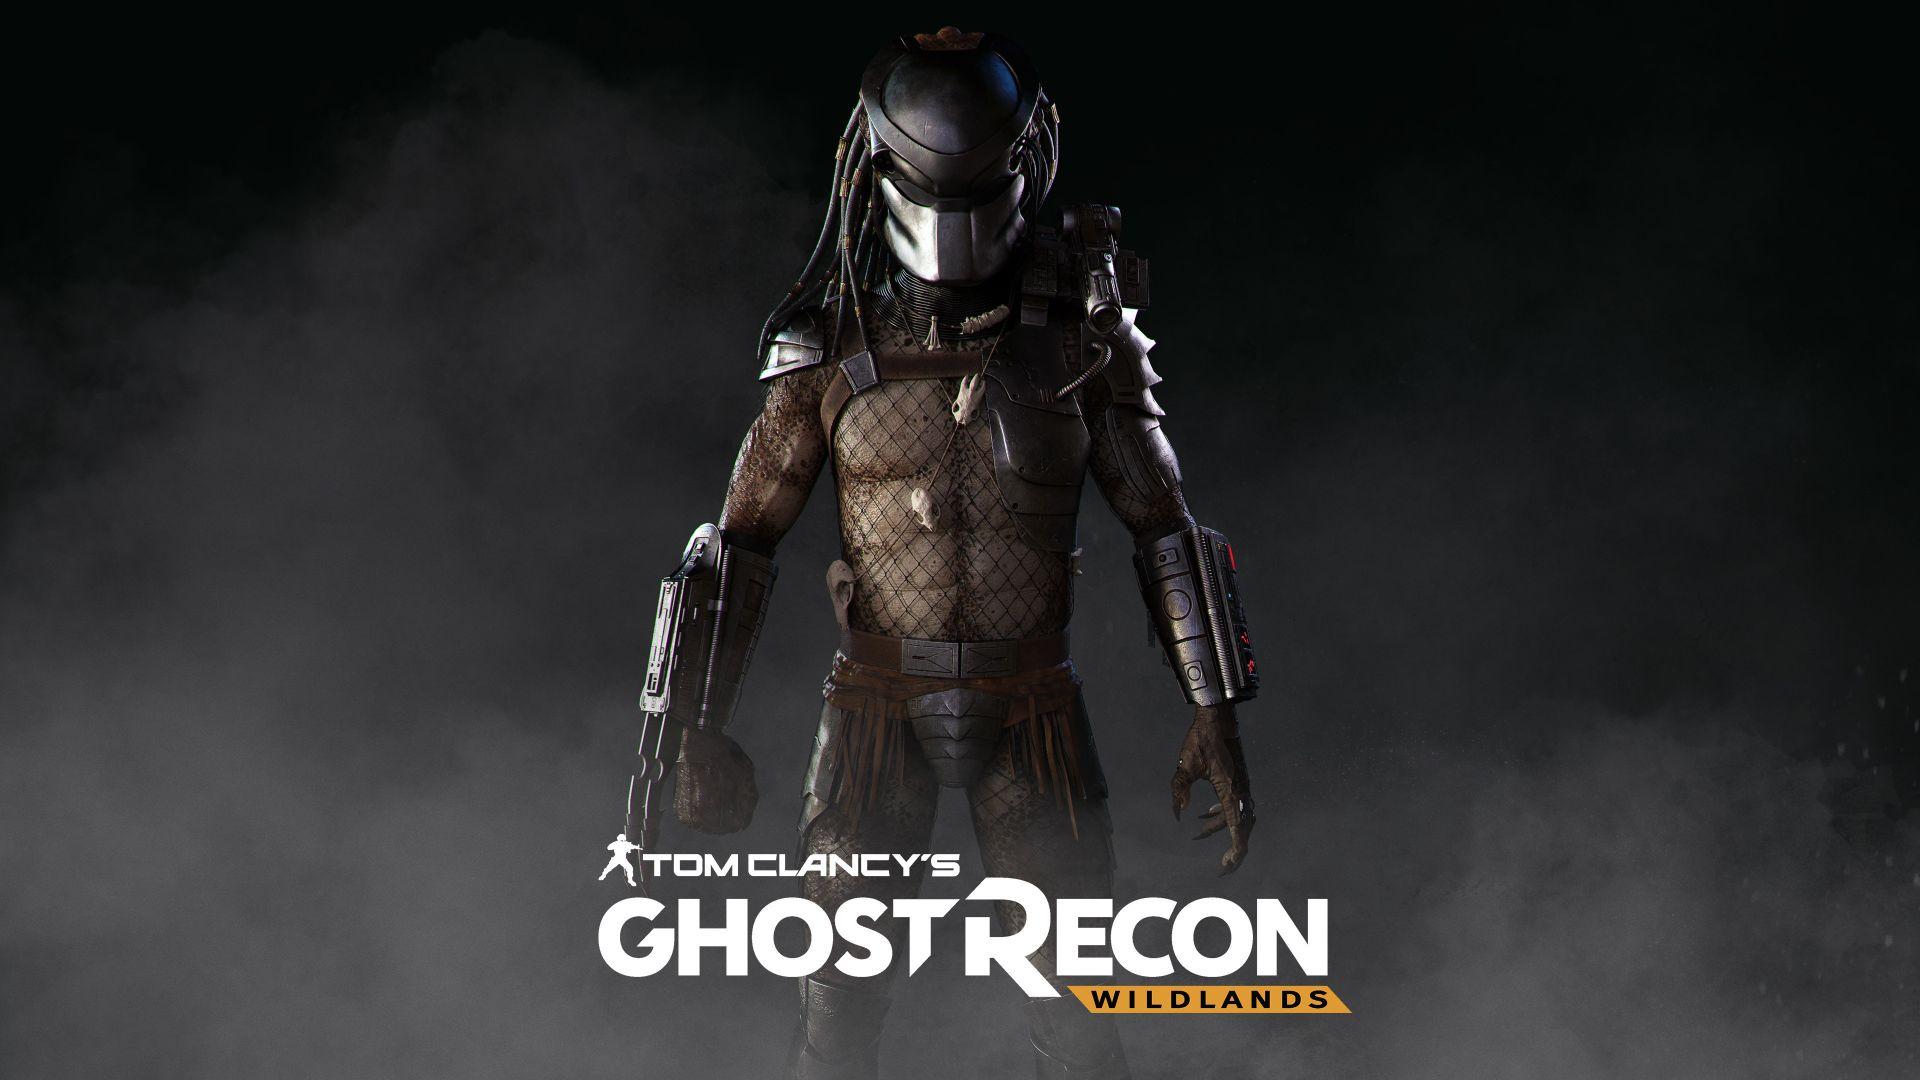 Tom Clancys Ghost Recon Wildlands 2017 Hd Games 4k: Desktop Wallpaper Predator, Tom Clancy's Ghost Recon